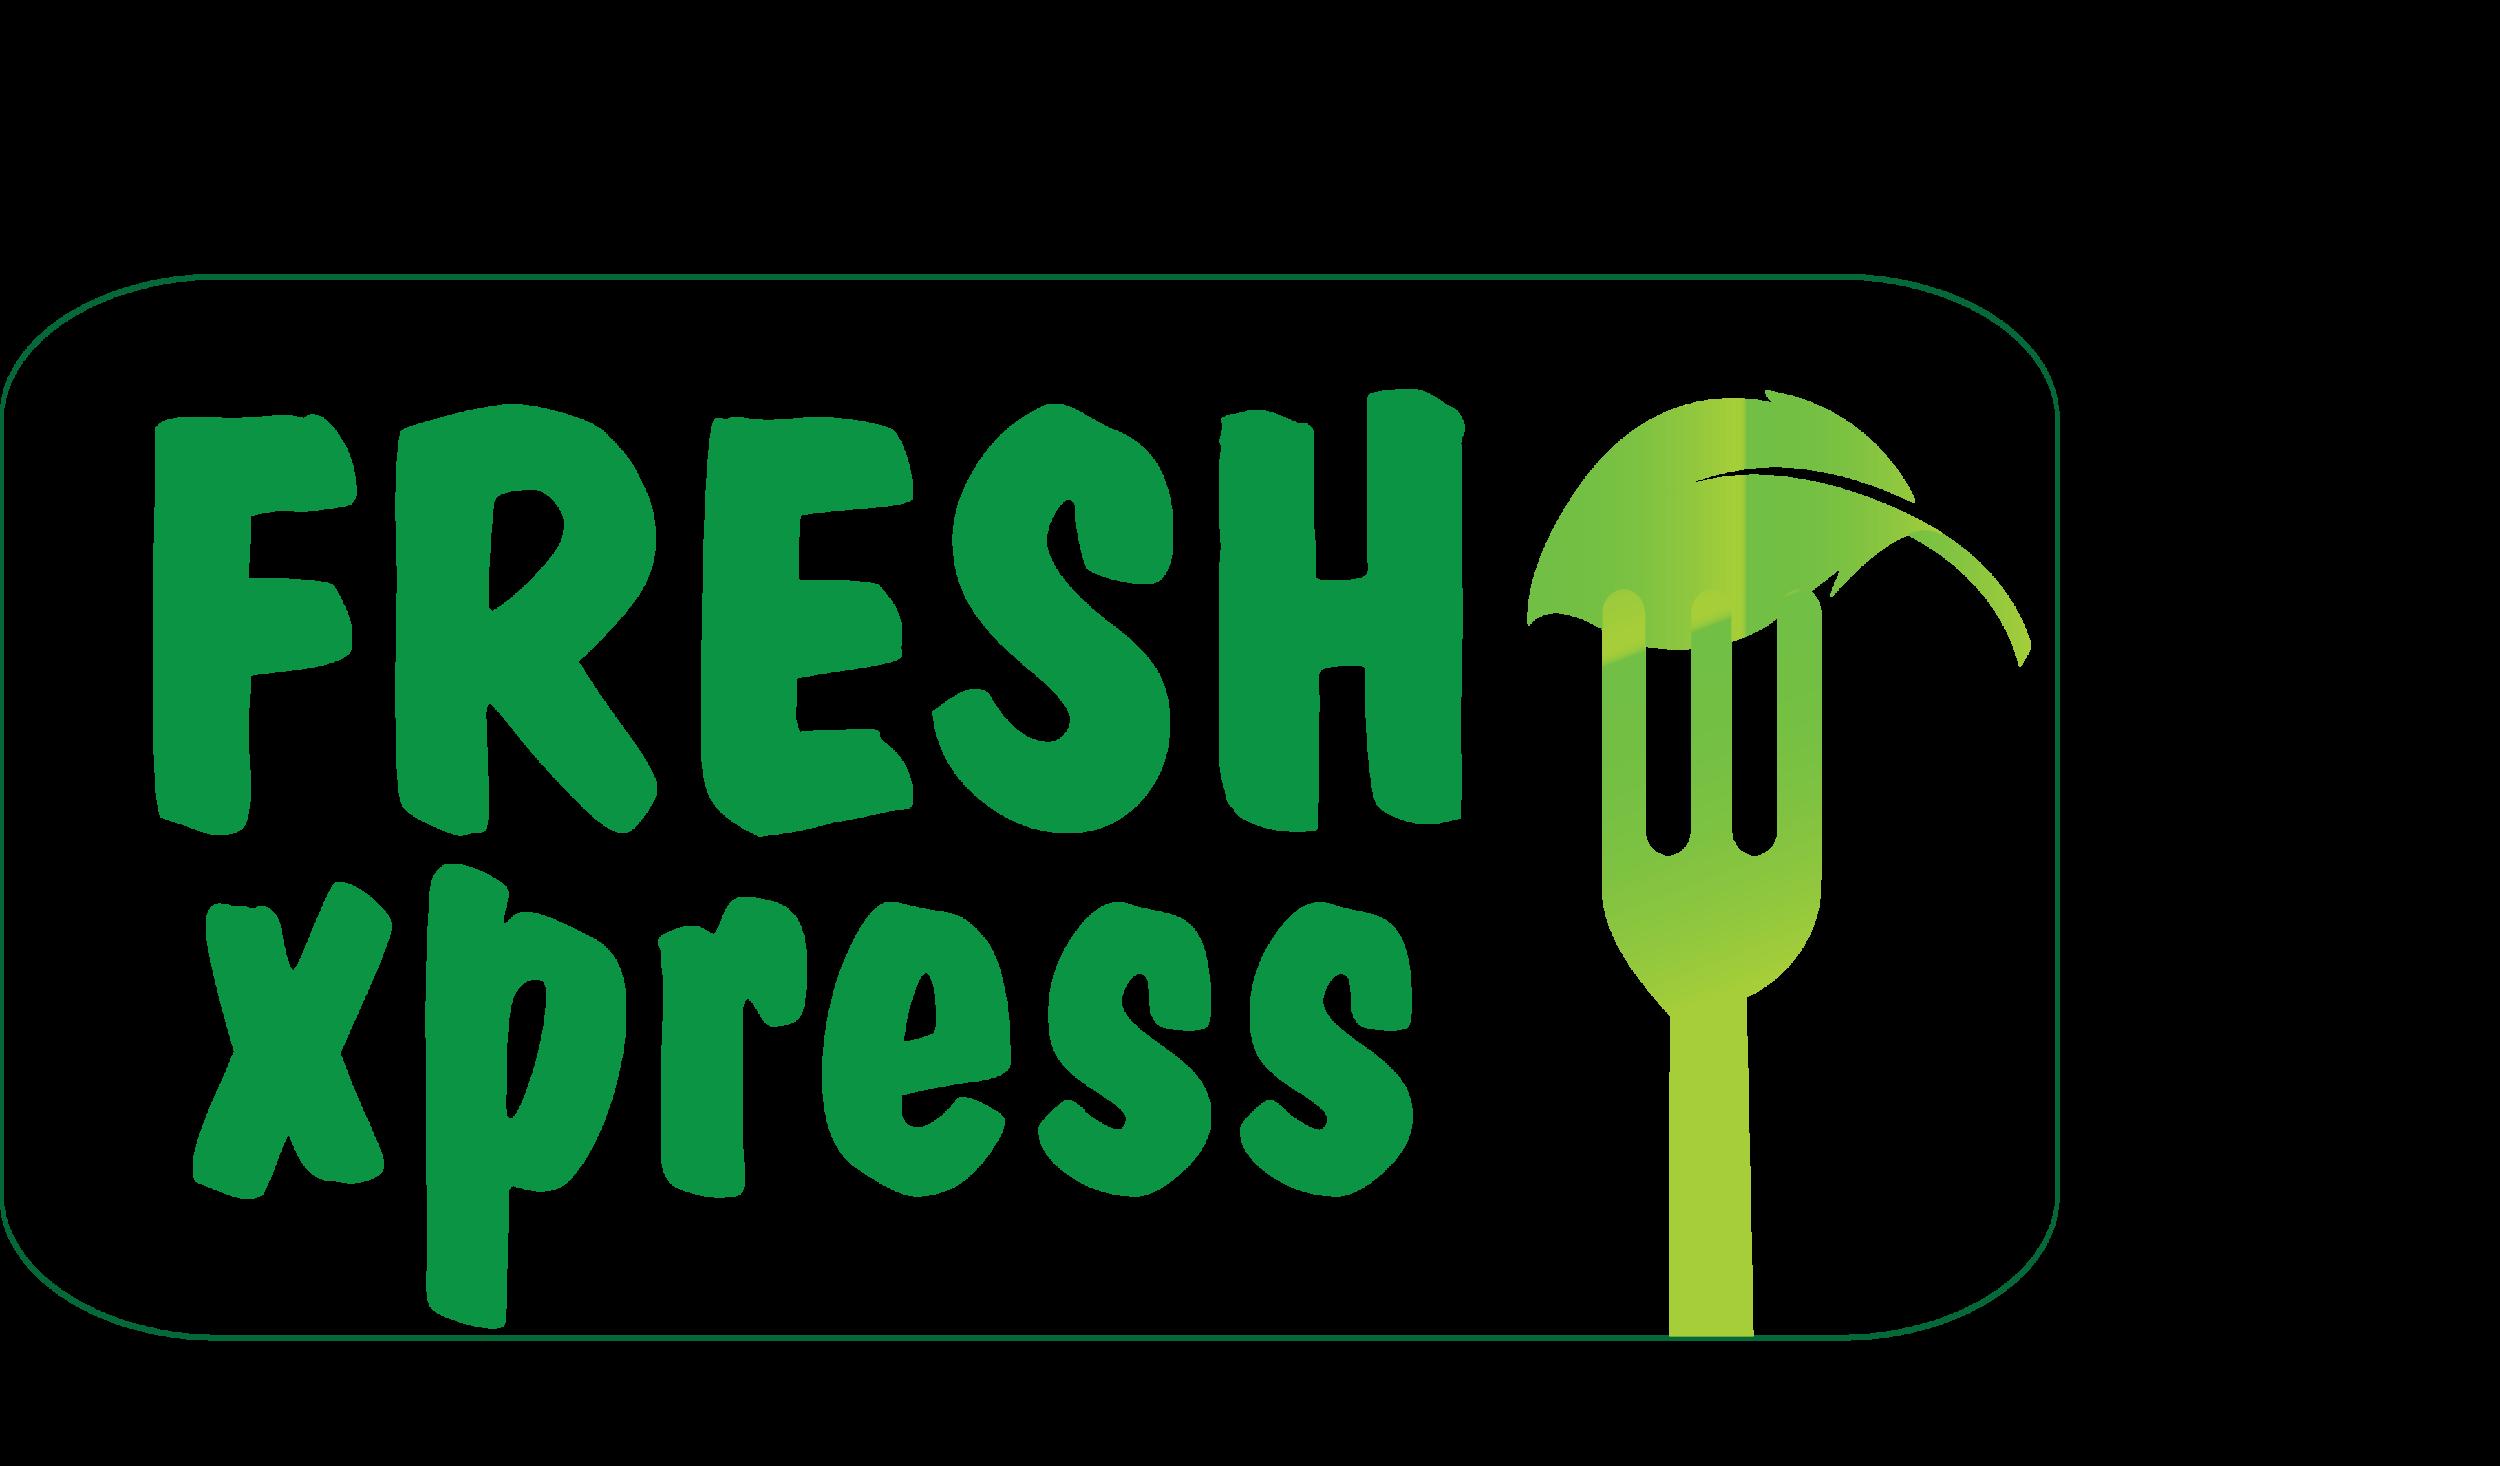 Fresh Xpress